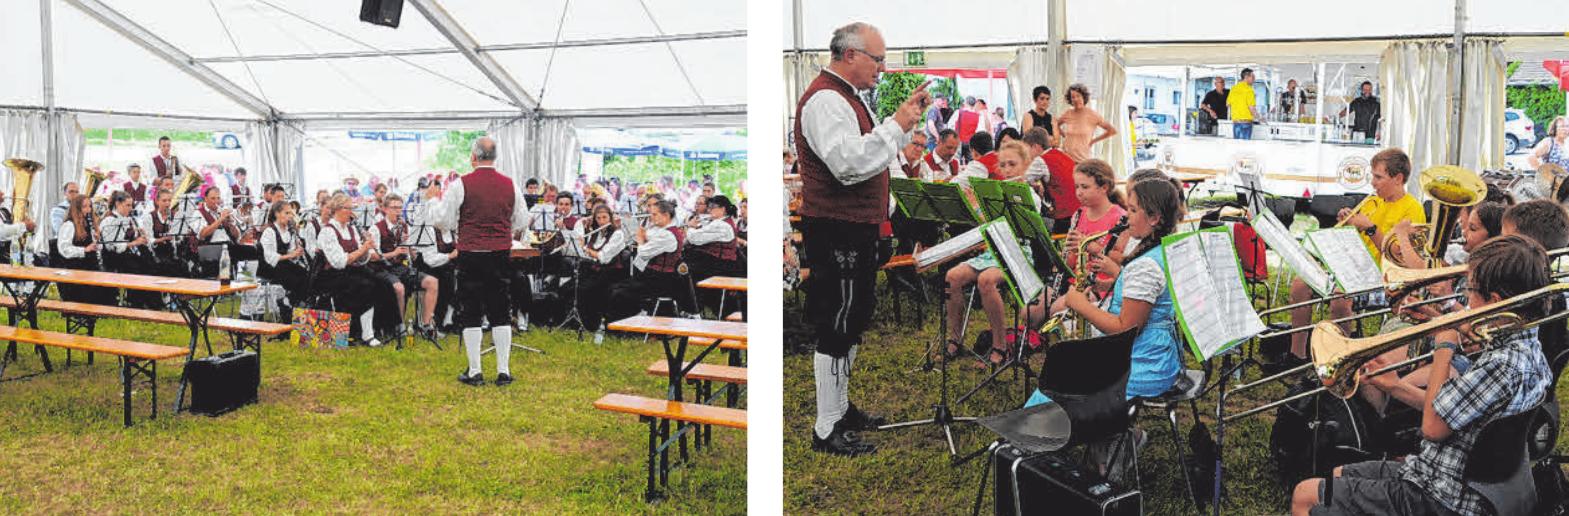 Der Musikverein Schemmerhofen sorgt immer für gute Laune – egal bei welchem Wetter. FOTOS: PRIVAT